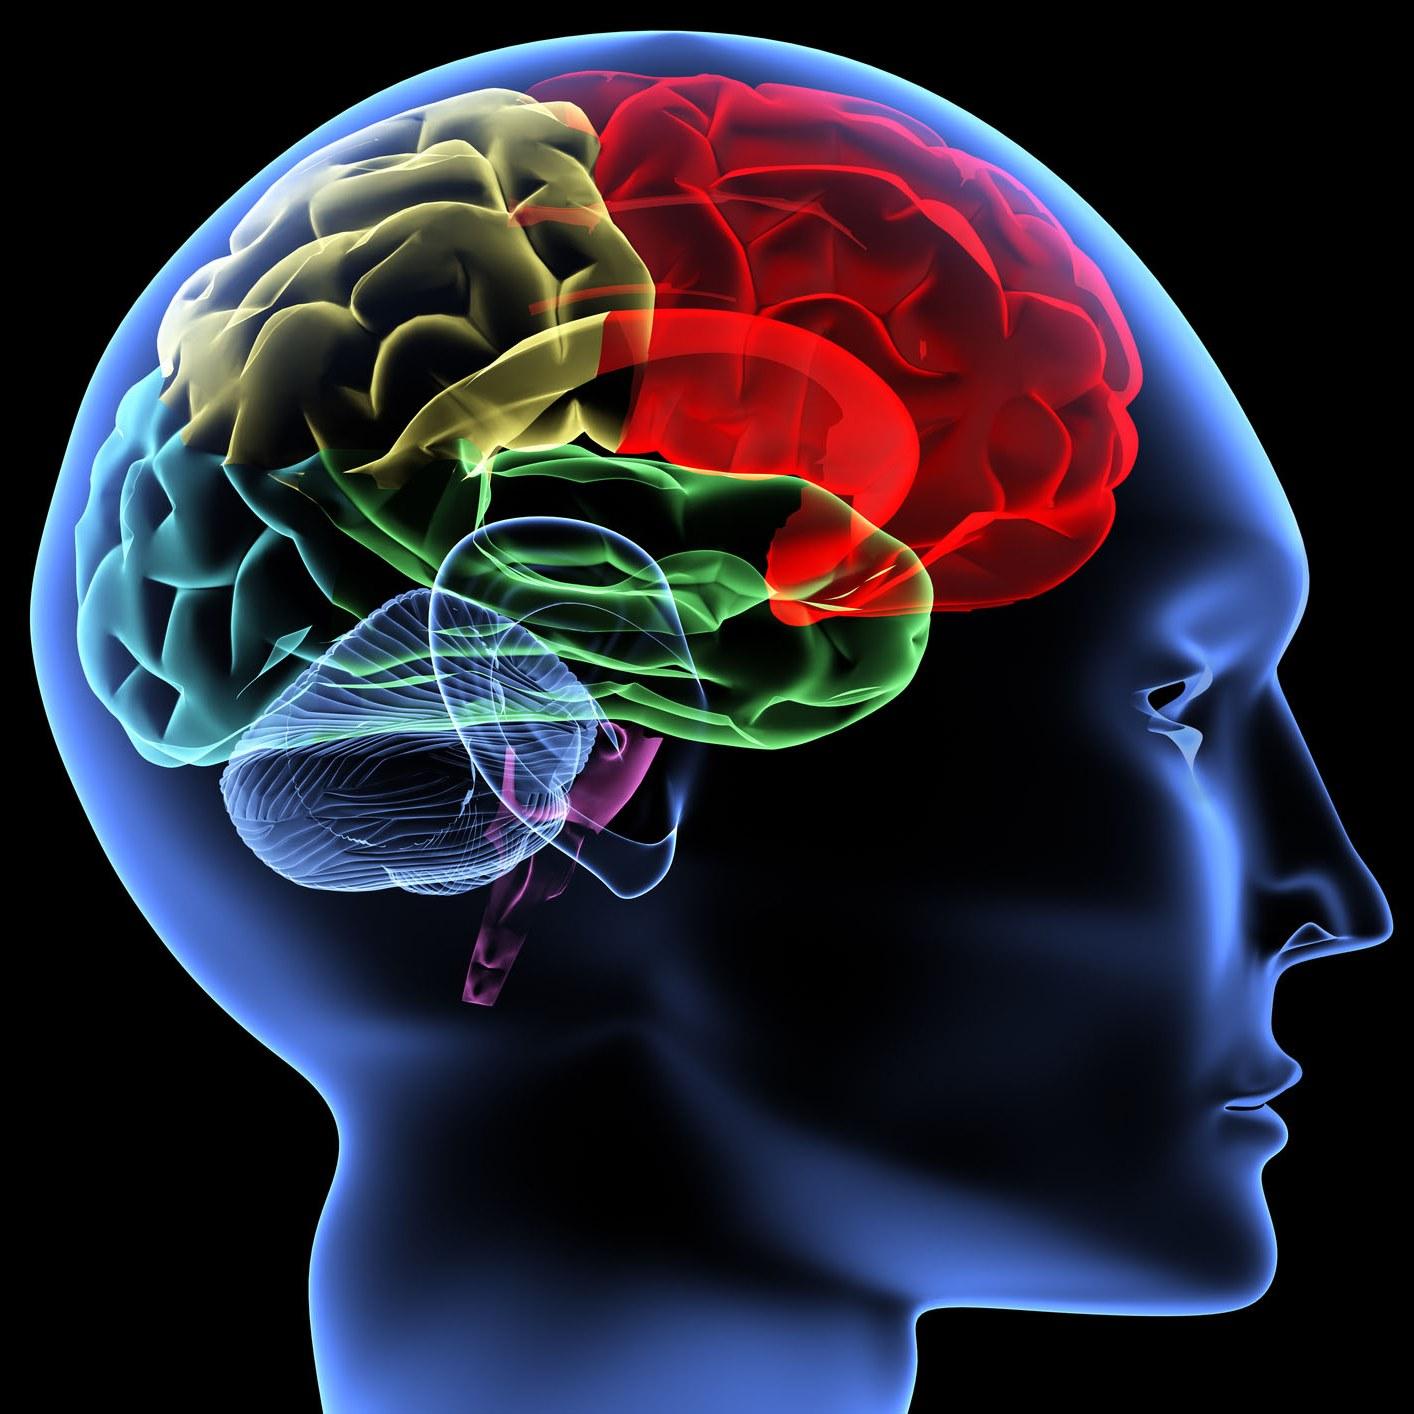 نَاصِيَةٌ خَاطِئَةٌ.. عندما يُحلل القرآن شفرات المخ